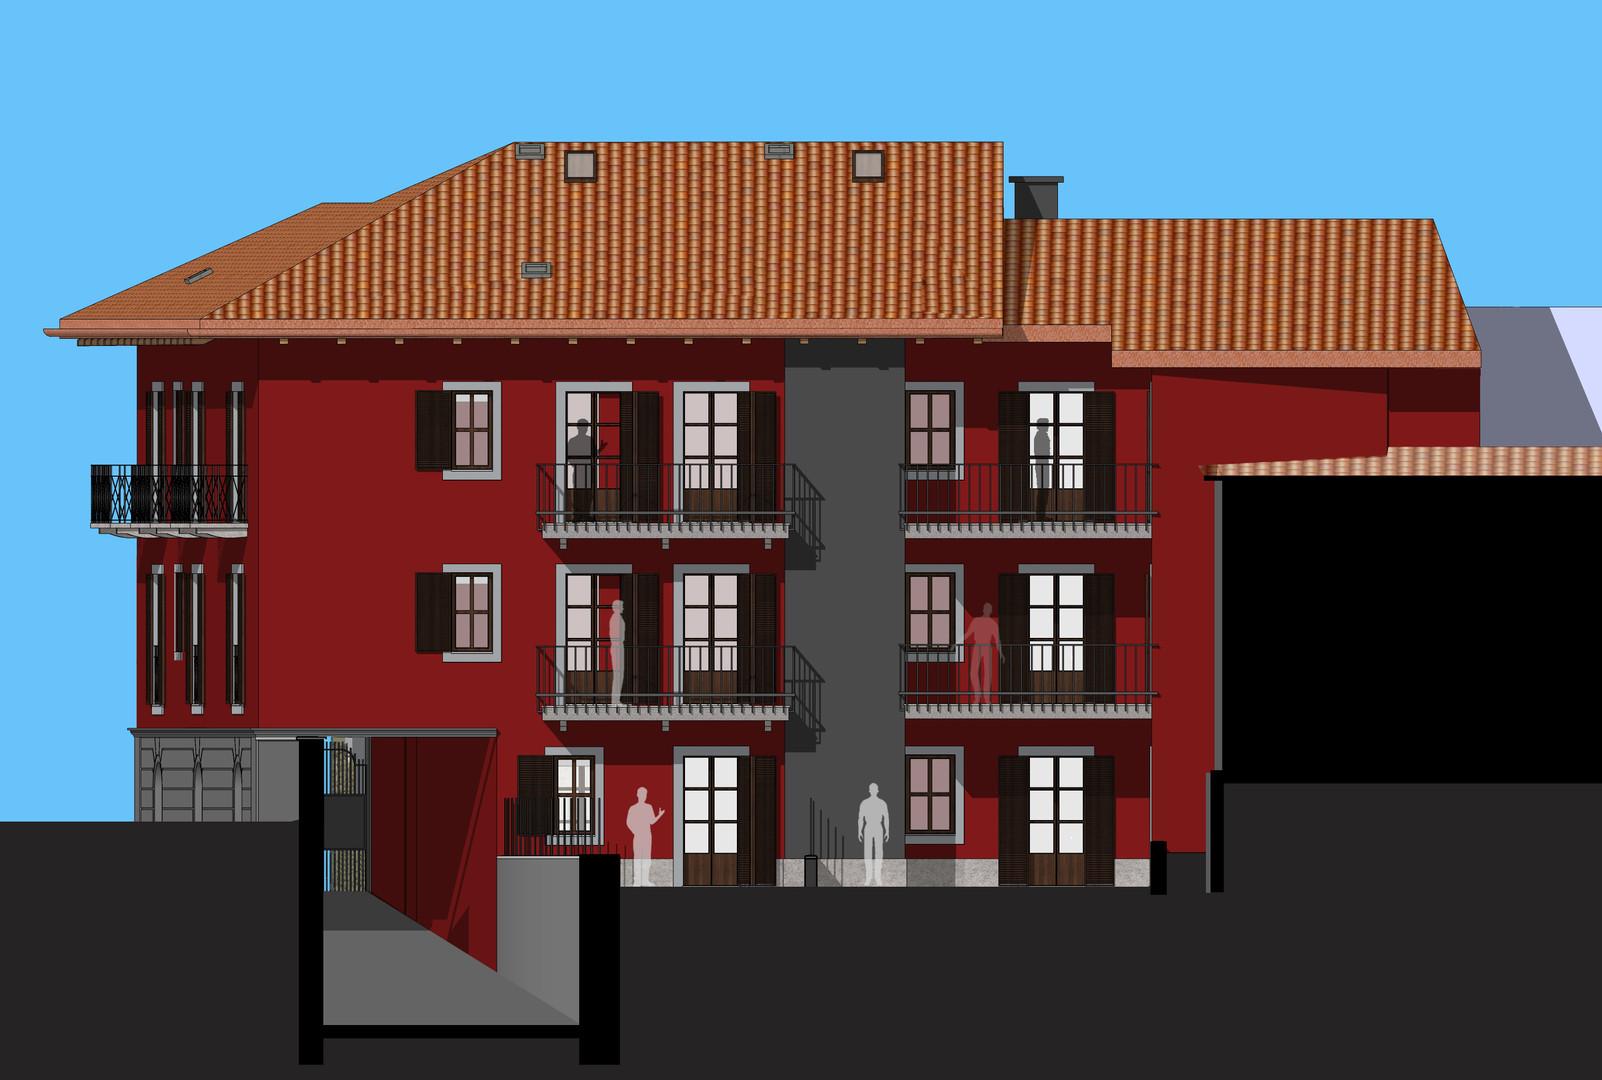 palazzo piazza prospetto nord modif.jpg